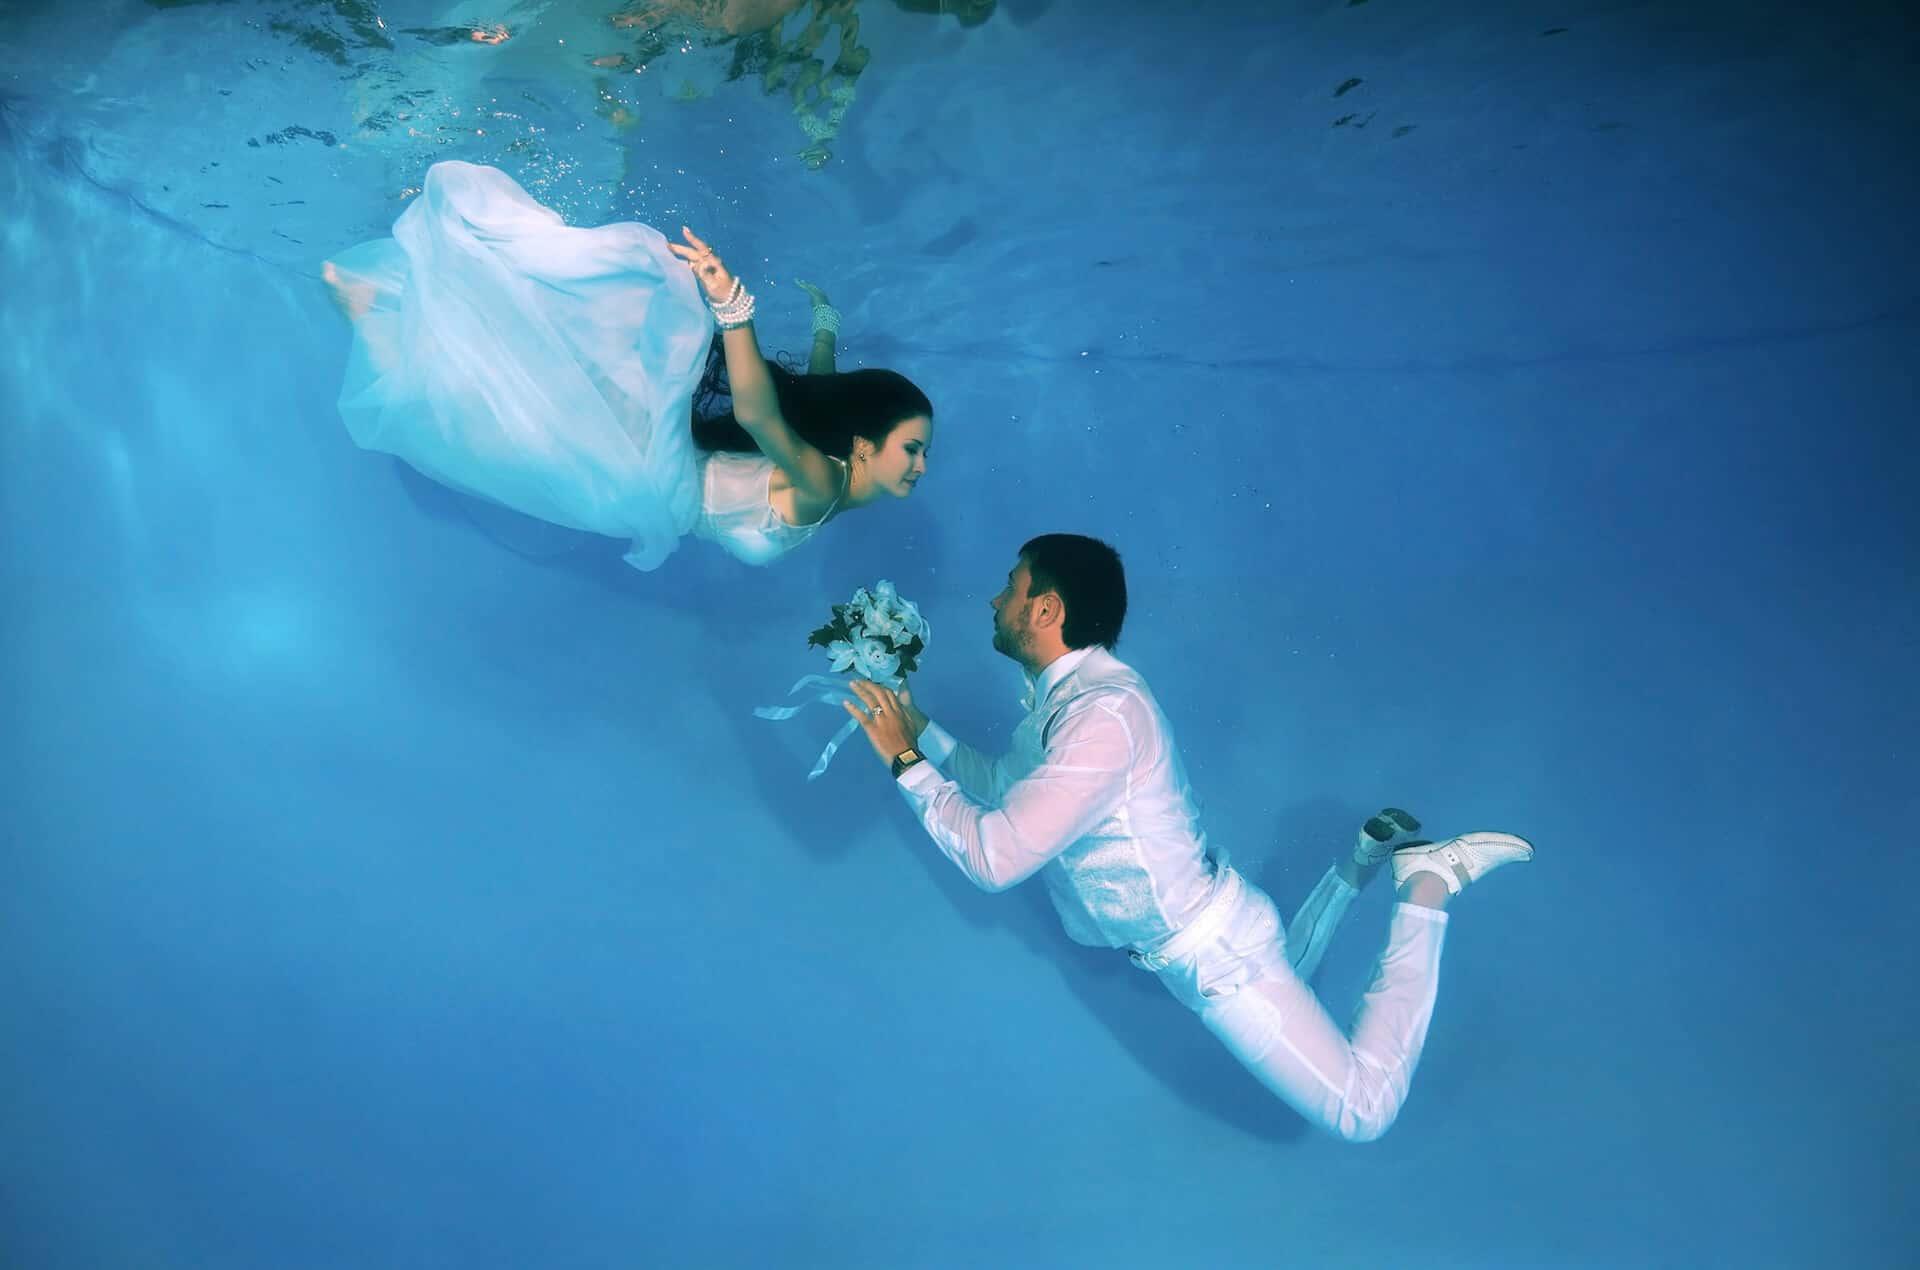 Svatební focení, aneb pod vodou jsme si vyznali lásku beze slov